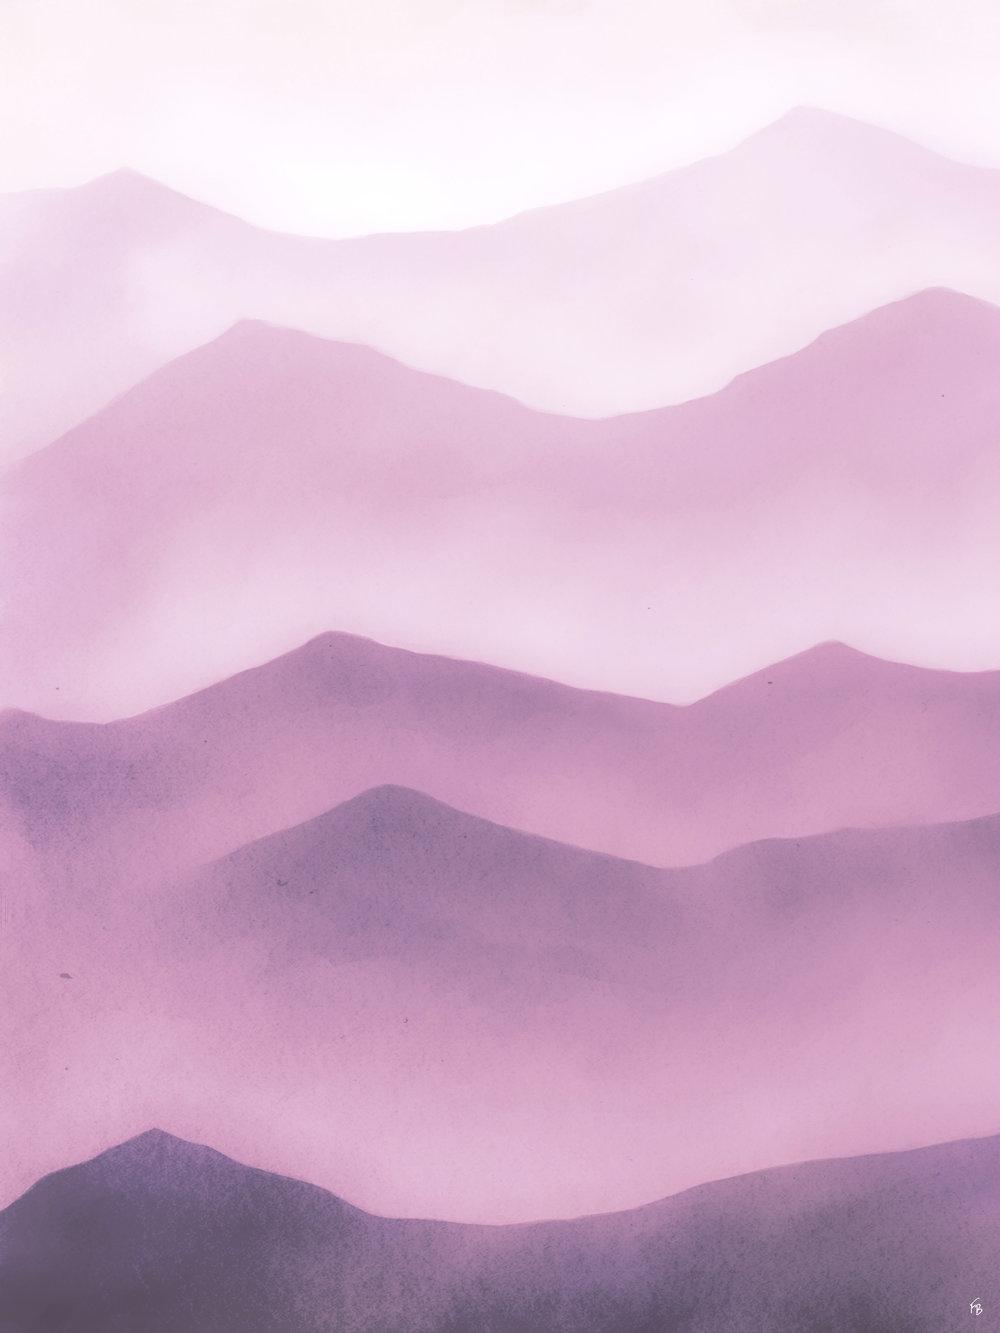 Violet peaks